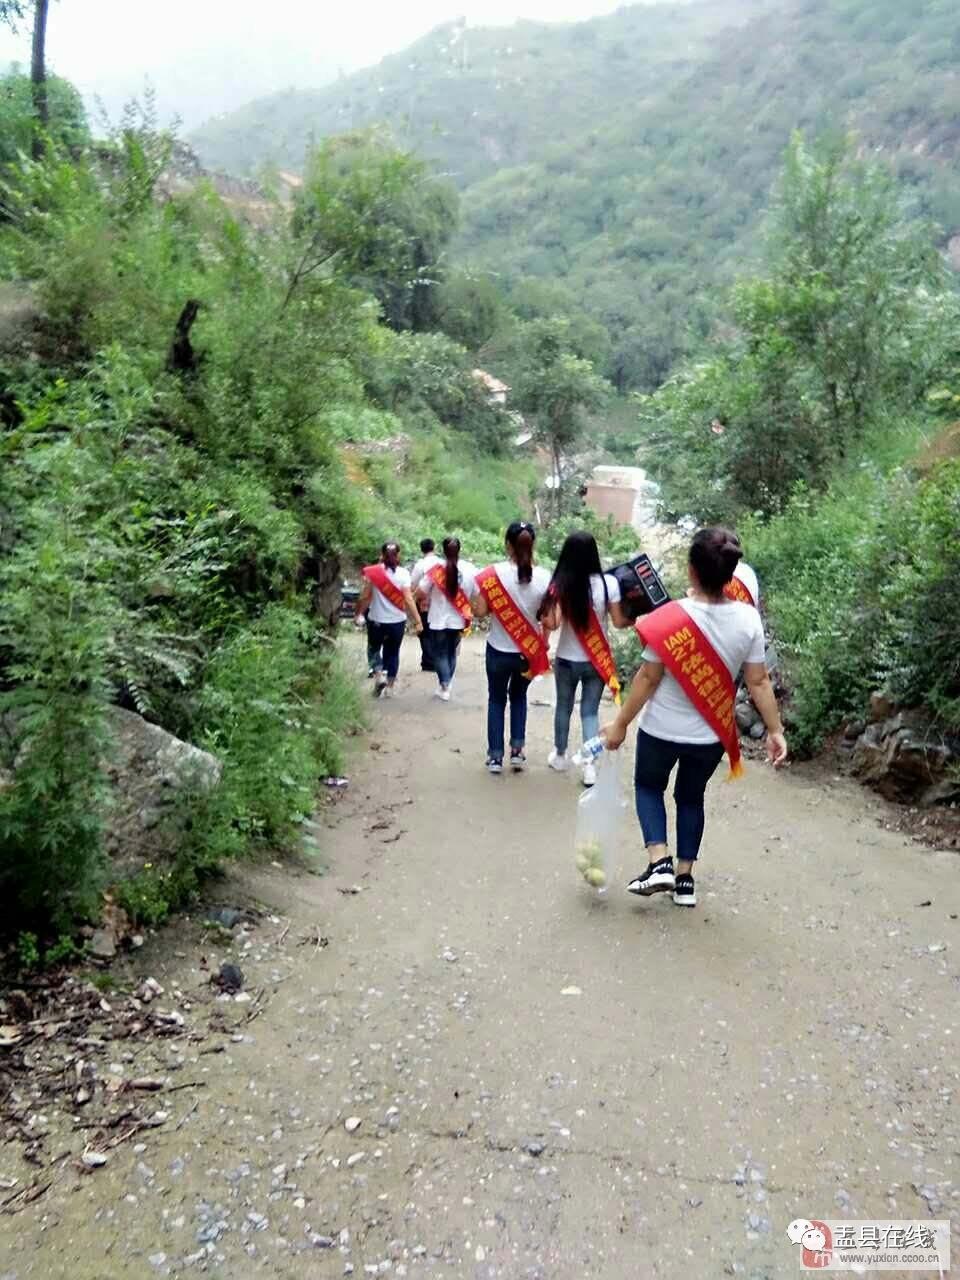 月27日,凯通依尚街区,IAM27,薇妮兰举行公益活动,亲赴梁家寨乡